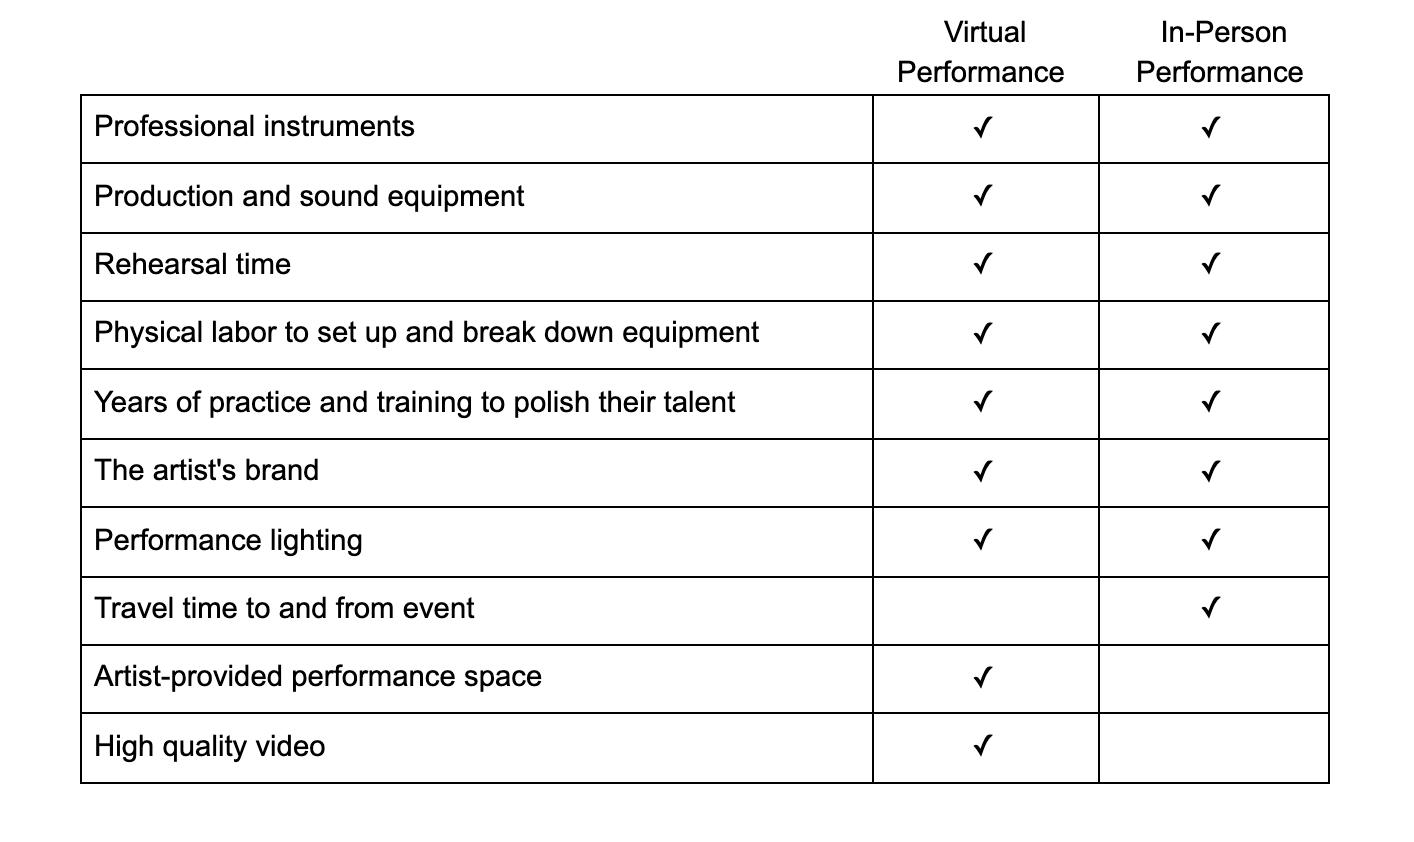 Virtual Live Music vs In-Person Live Music Cost Breakdown